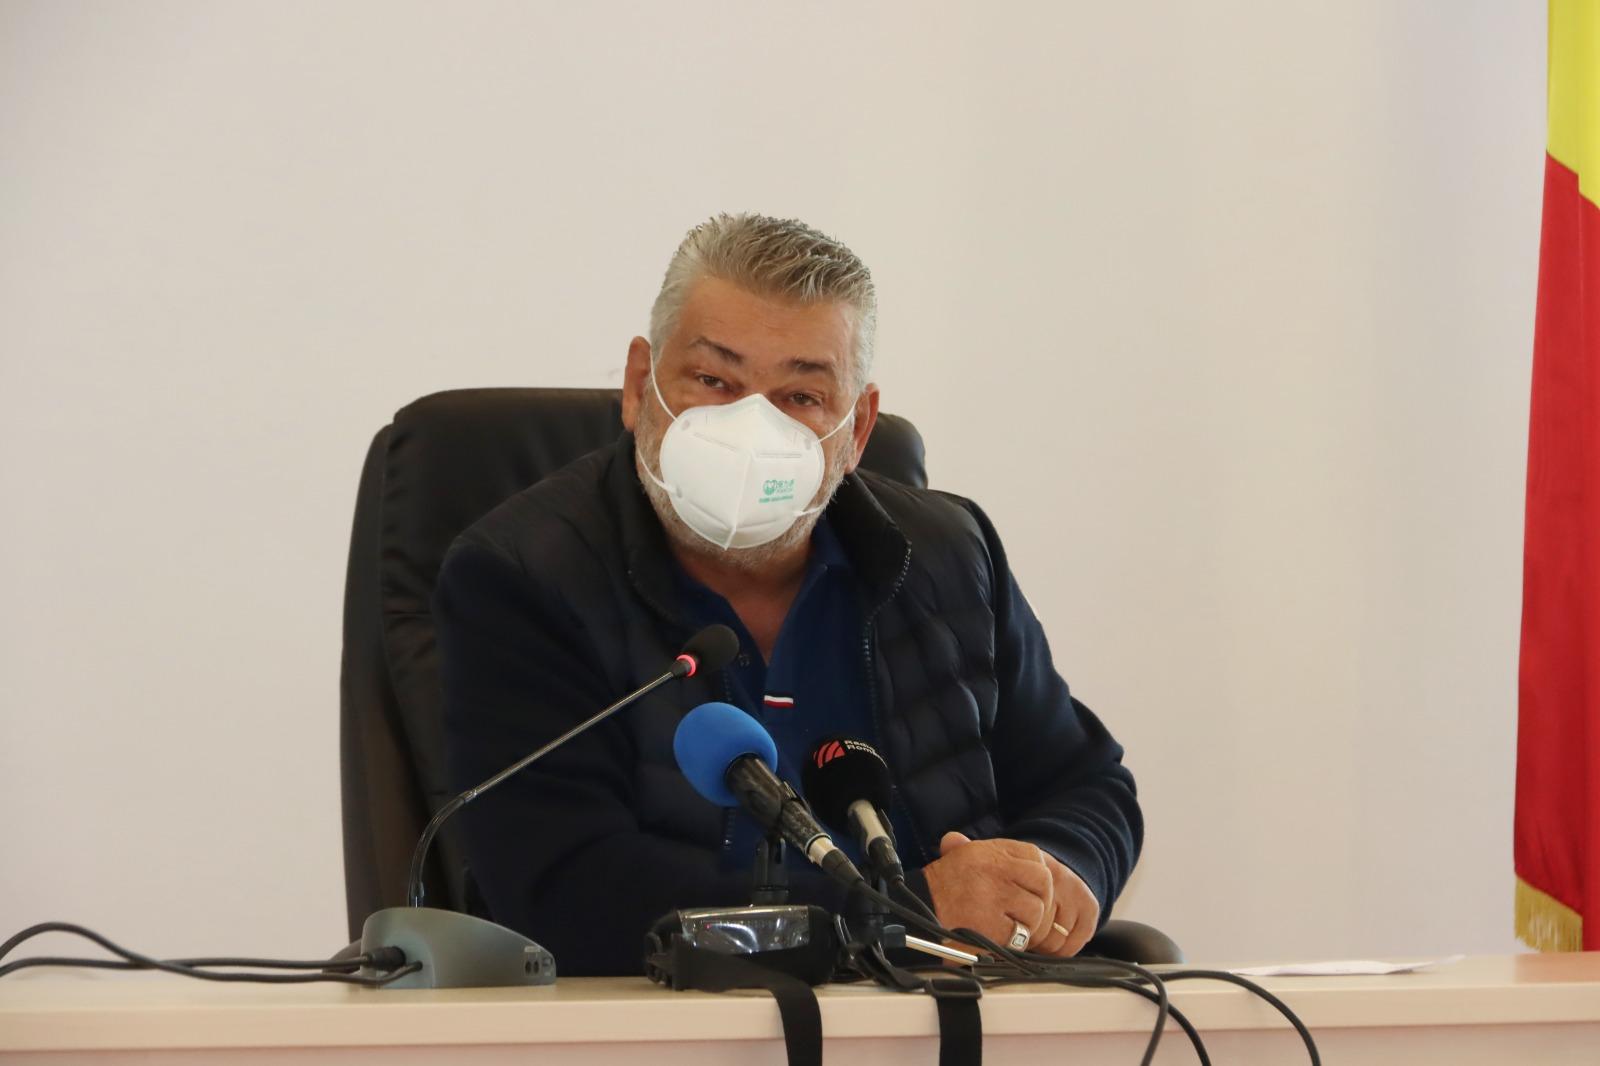 Grupul de Suport pentru Spitalul Clinic a dezvoltat un plan strategic de organizare spitalicească, coordonatorul acestui grup fiind Gheorghe Domșa, directorul Casei Județene de Asigurări de Sănătate.